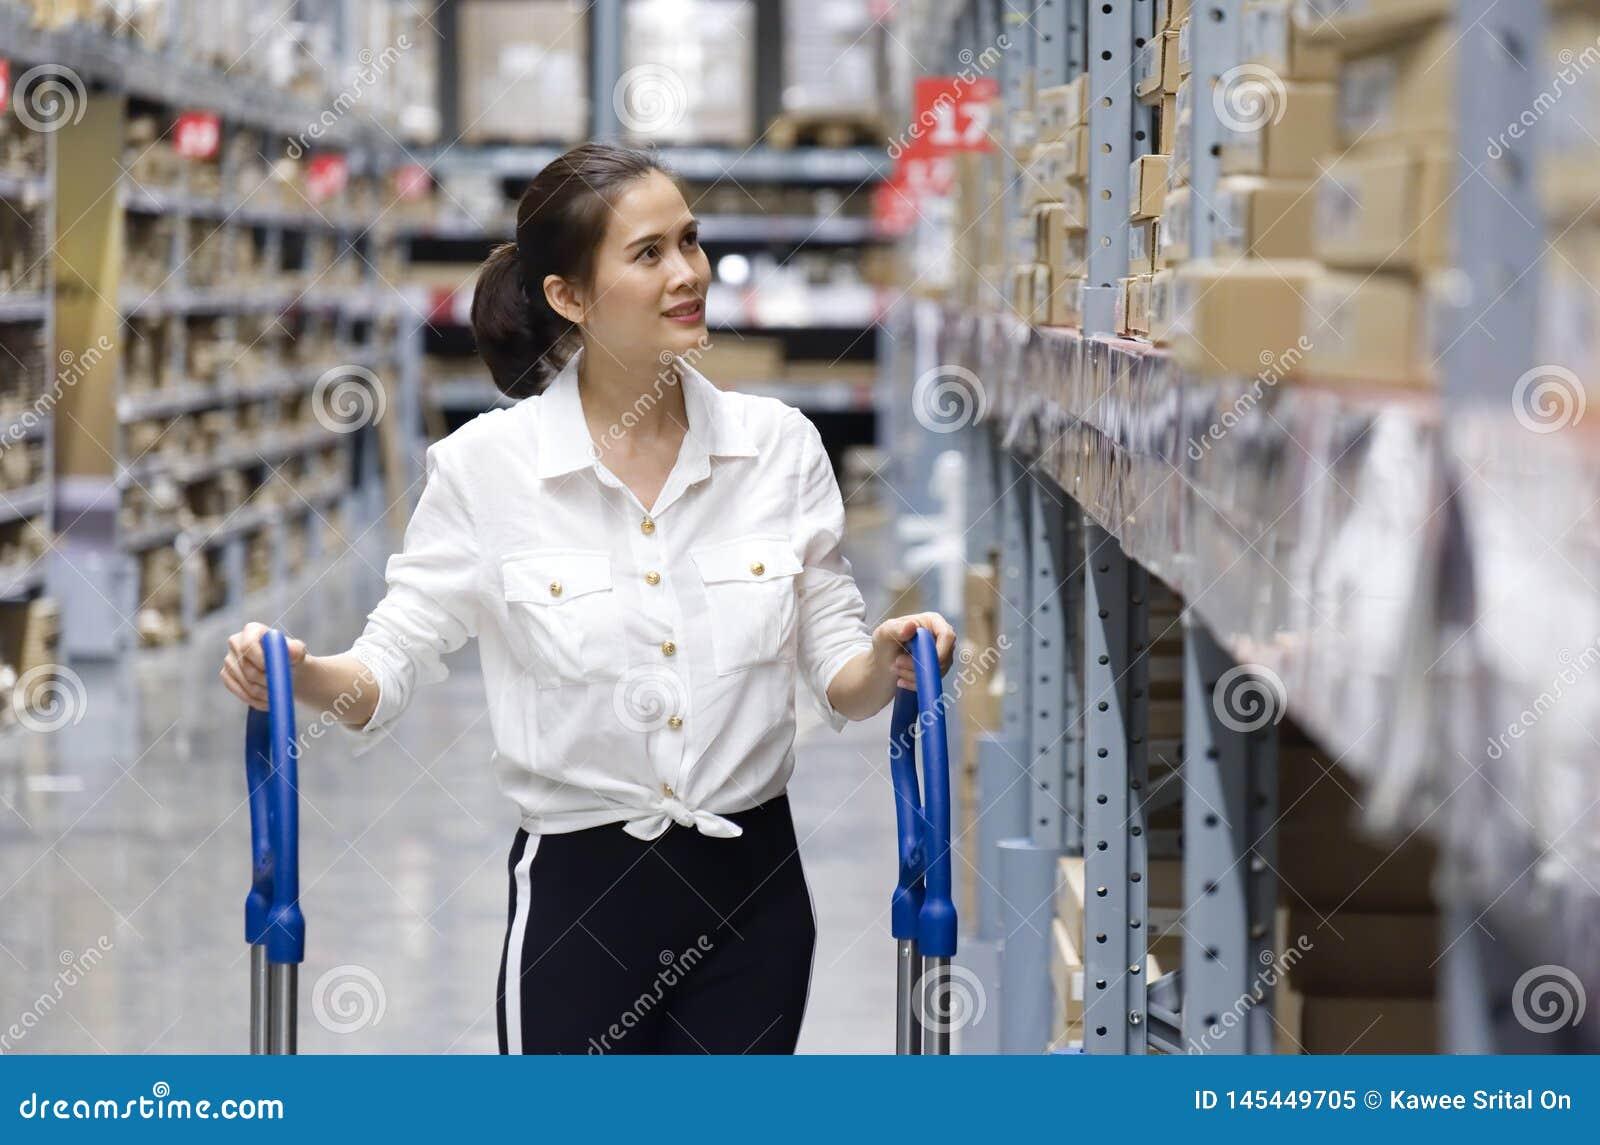 Близкая поднимающая вверх съемка азиатского милого клиента ища продукты в складе магазина Девушка нажимая тележку и найти товары